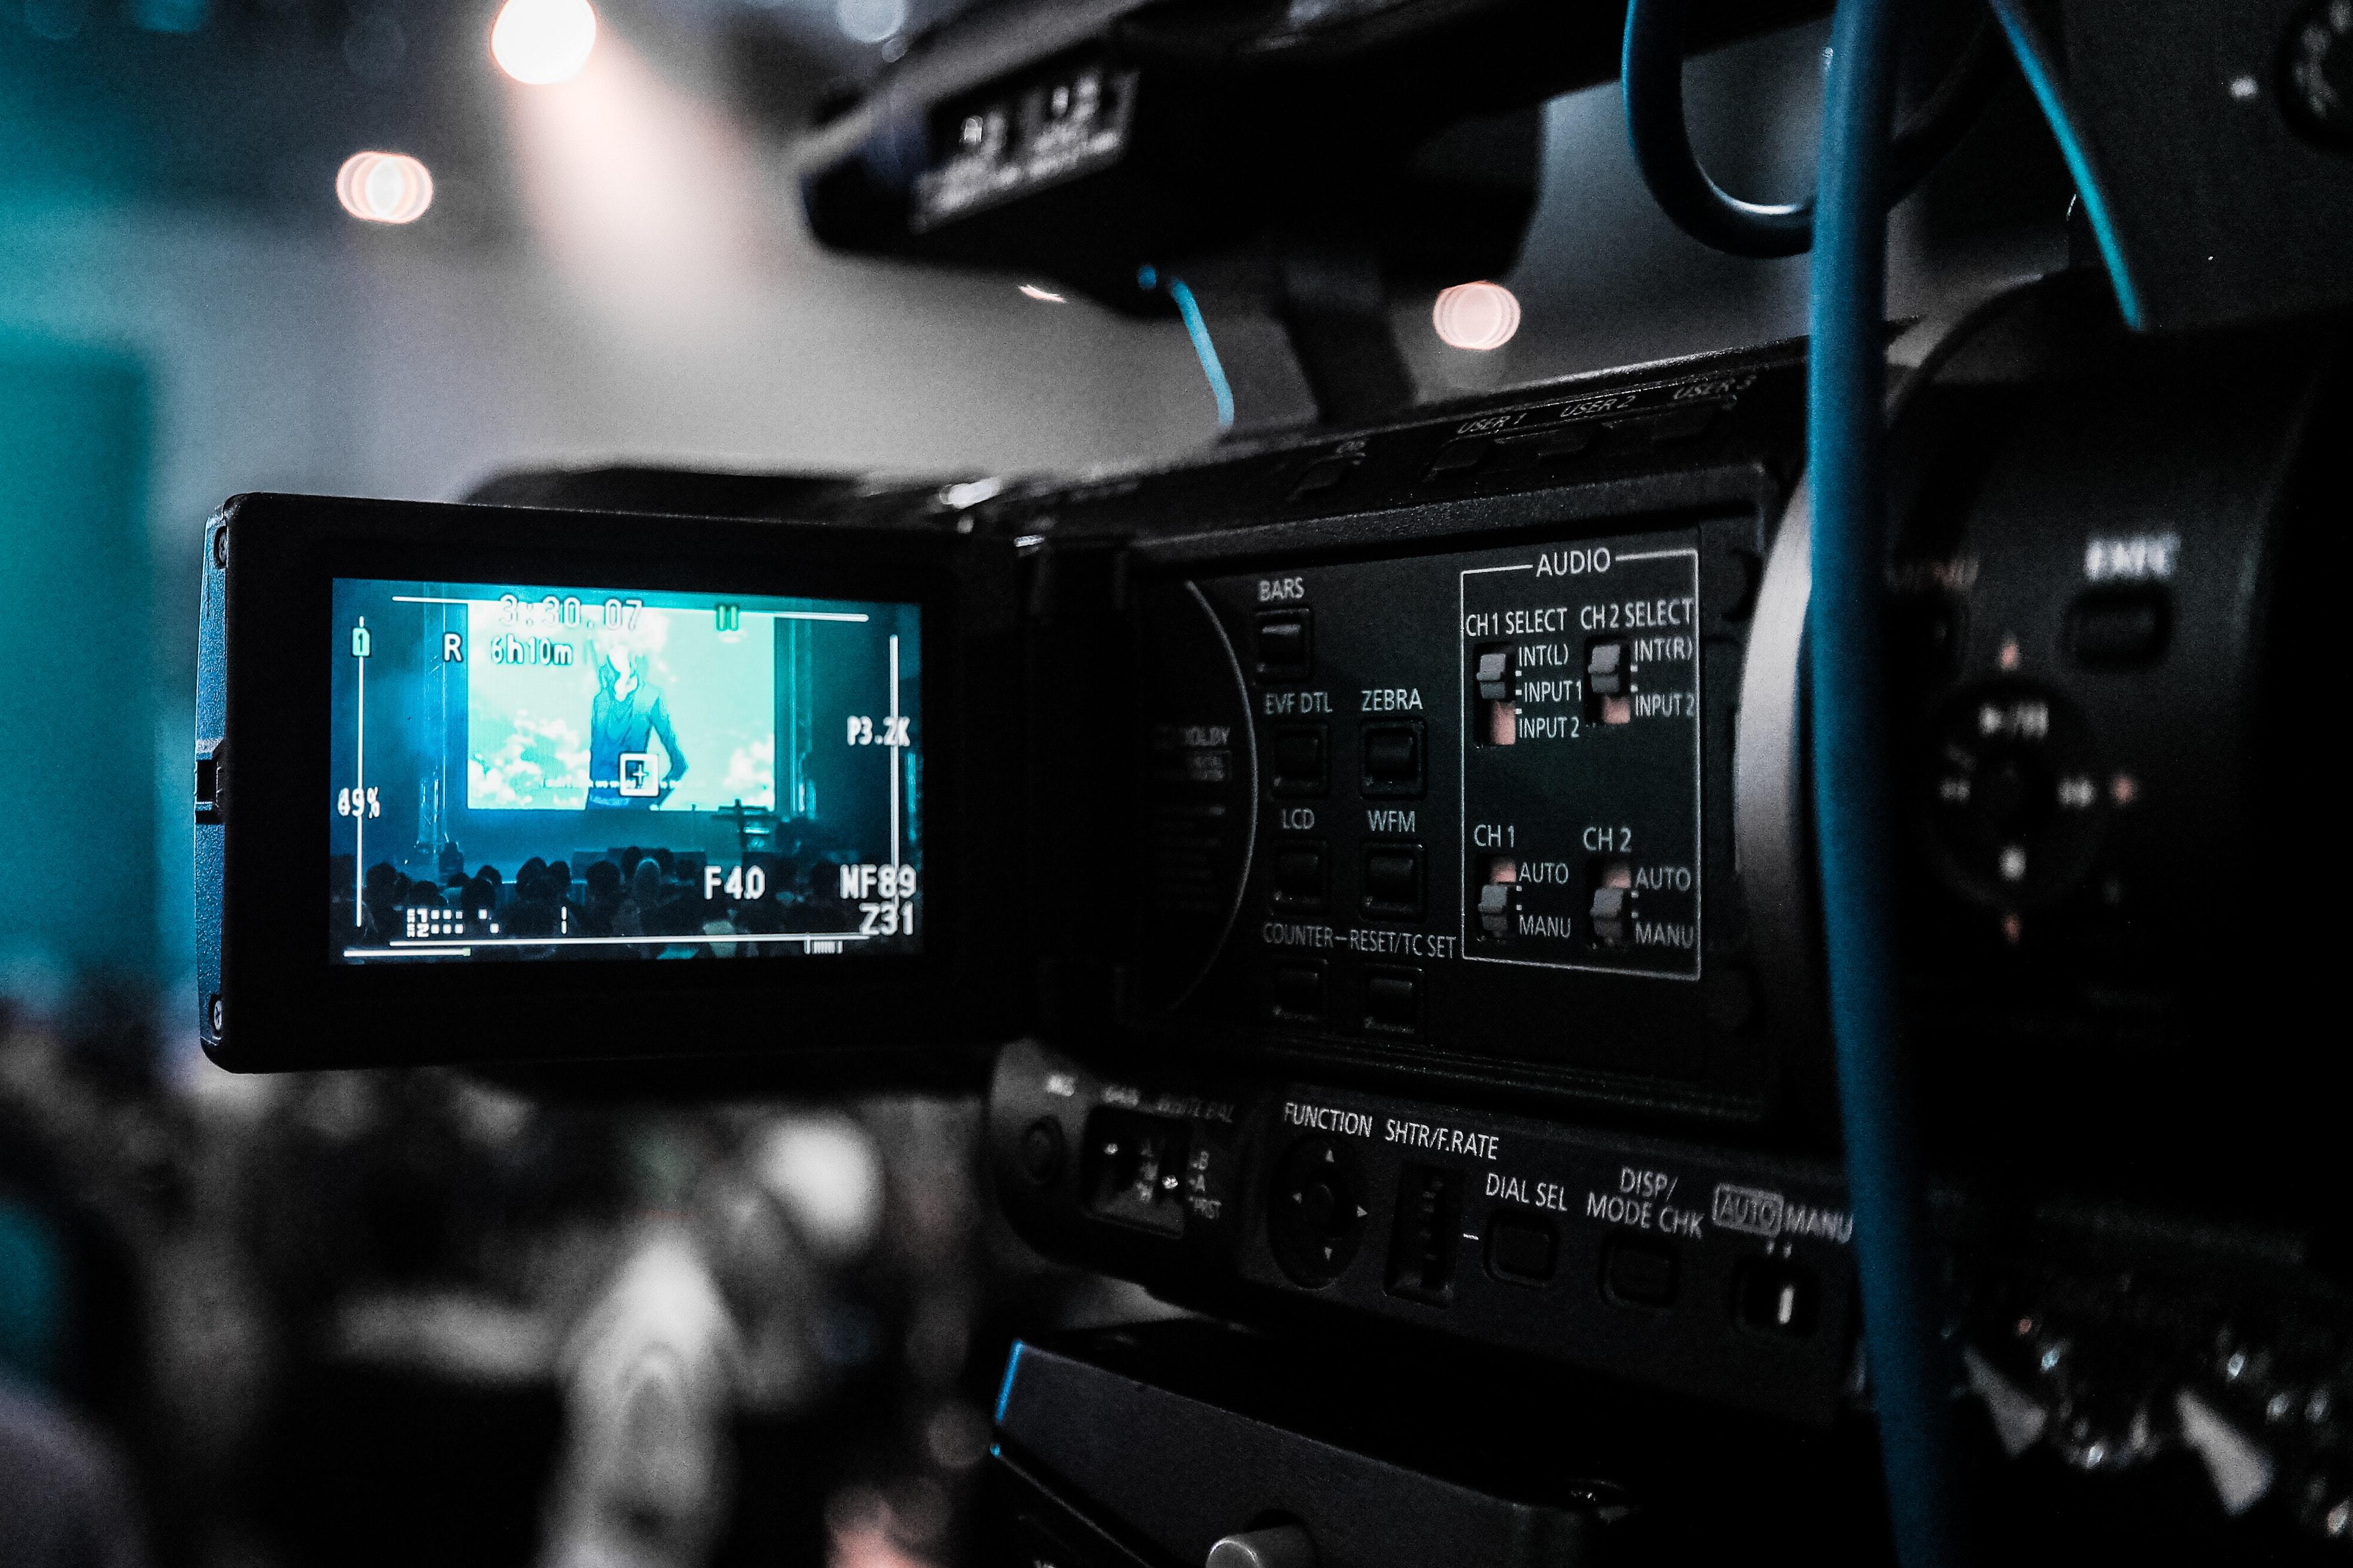 Et kamera som filmer.